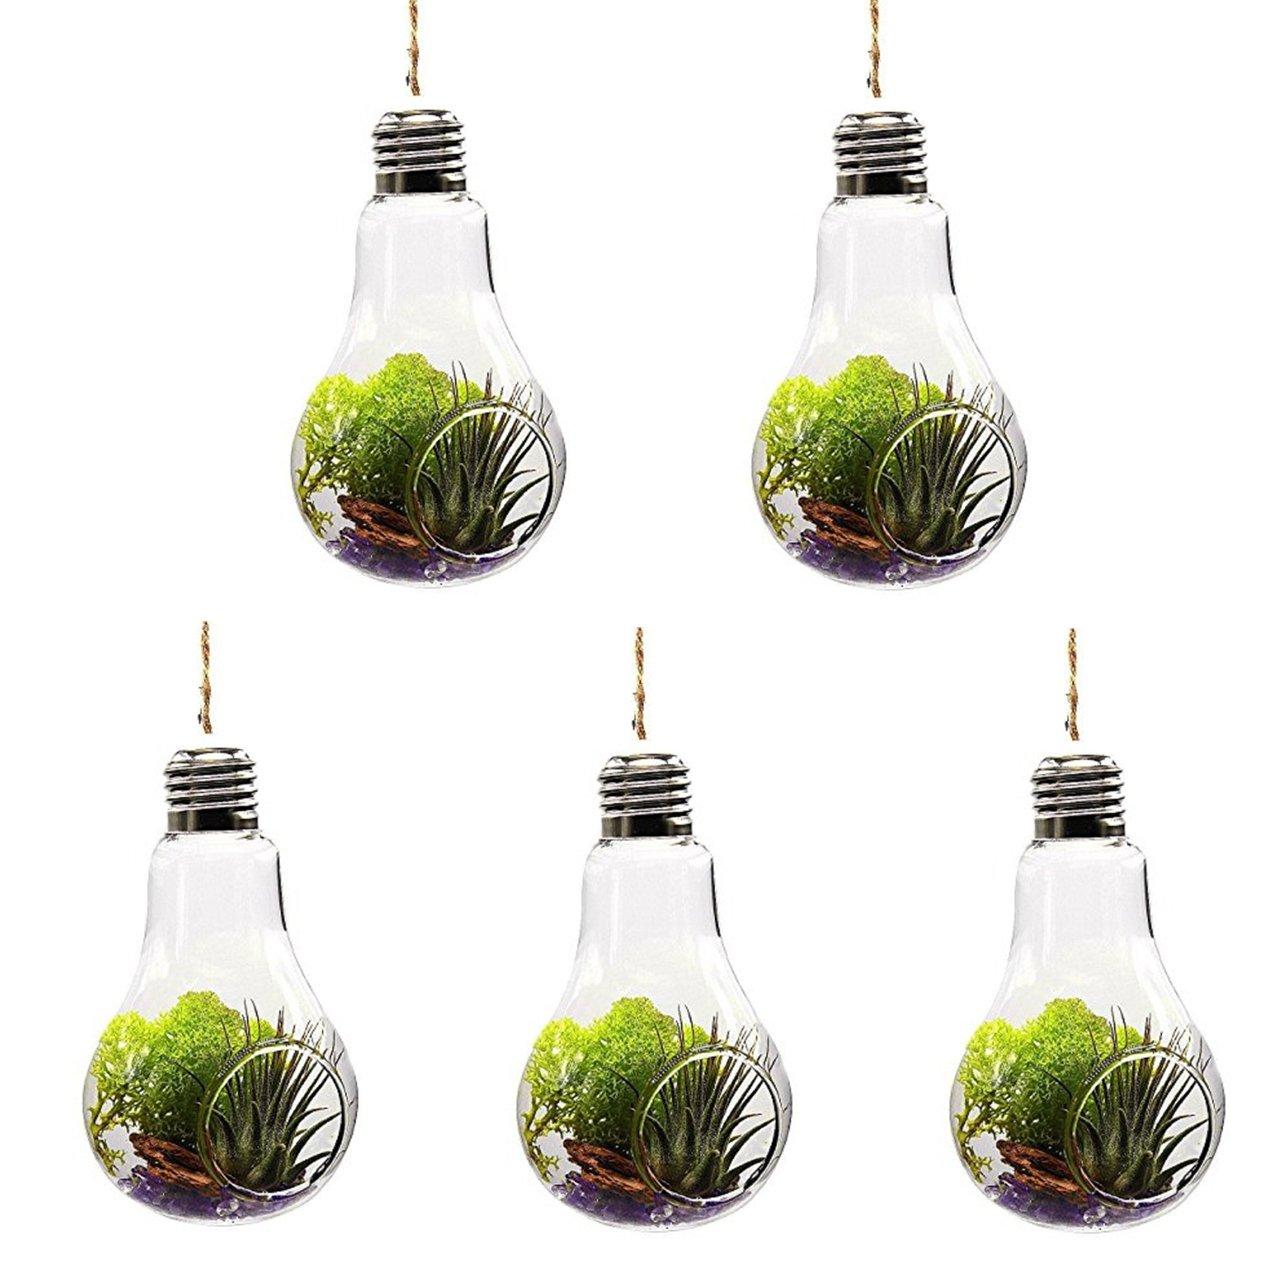 /1/tro /14*8/cm/ Vikenner 5/pcs Effacer ampoule Forme Vase en verre pour fleurs et plantes /à suspendre pour terrarium Container avec 1/Corde pour Home Garden D/écoration de bureau de mariage/